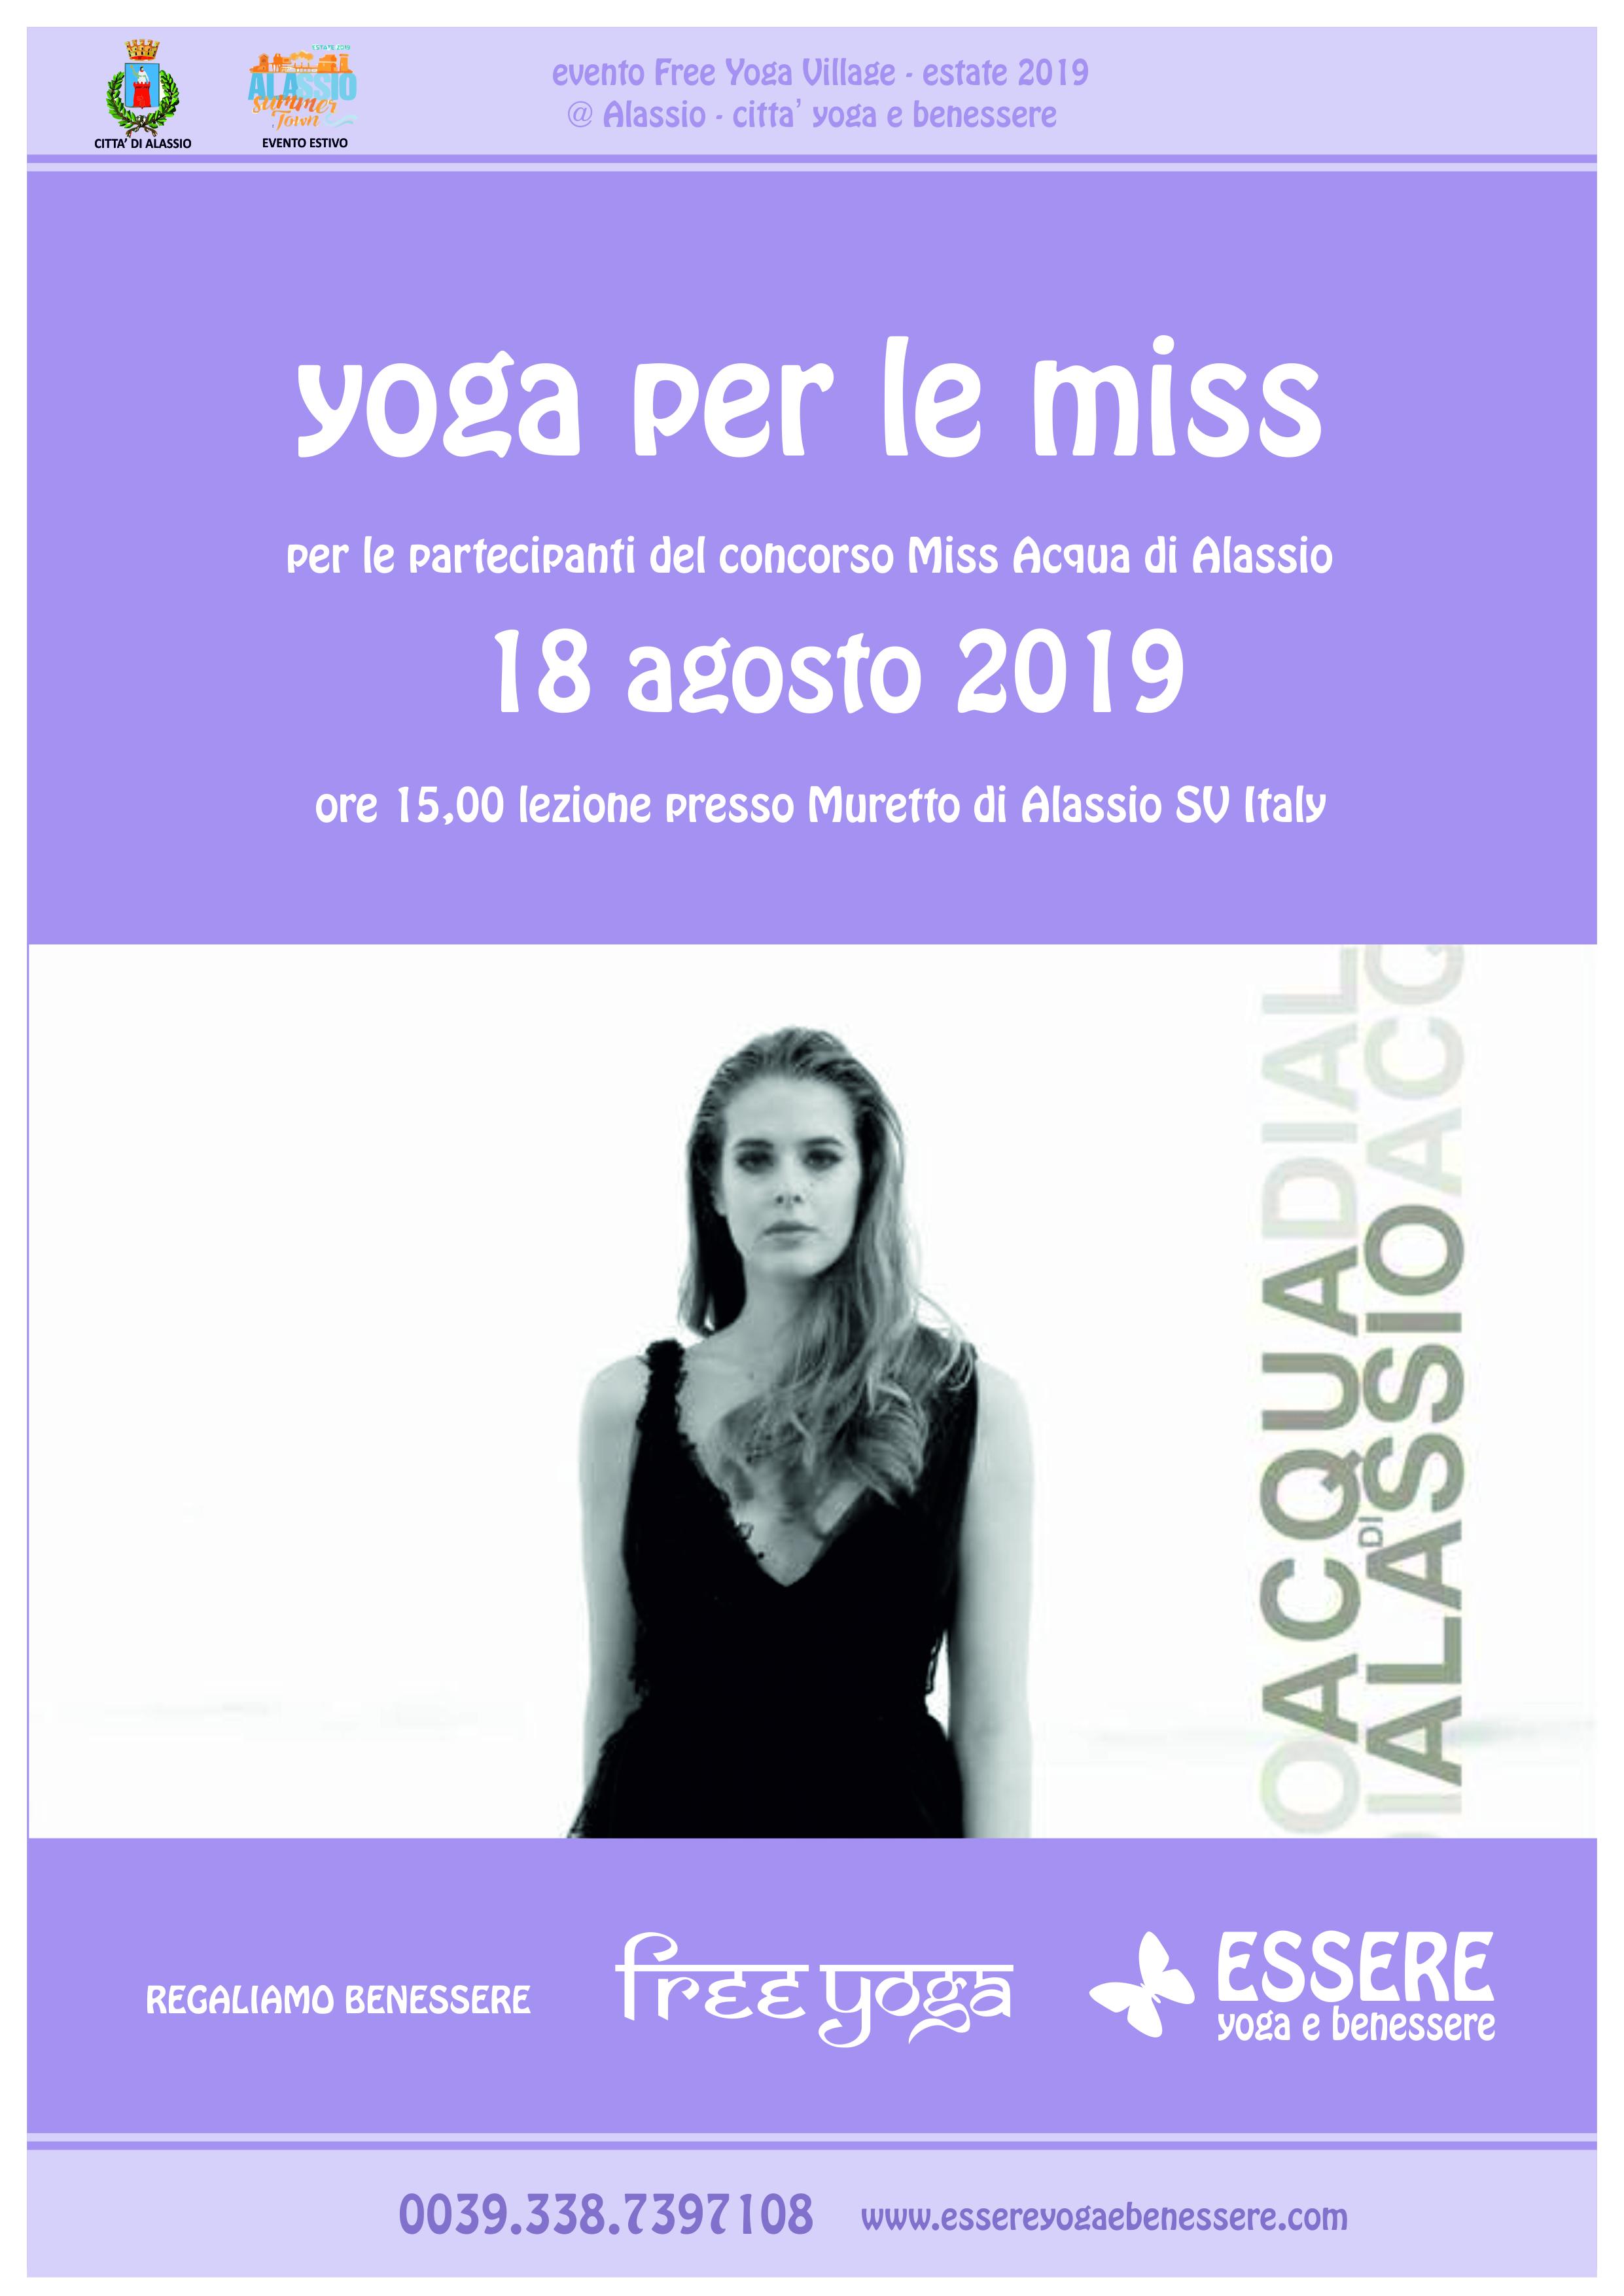 miss-acqua-alassio-muretto-concorso-bellezza-free-yoga-gratuito-benessere-per-tutti-village-citta-alassio-estate-lucia-ragazzi-modelle-summer-town-wellness-5